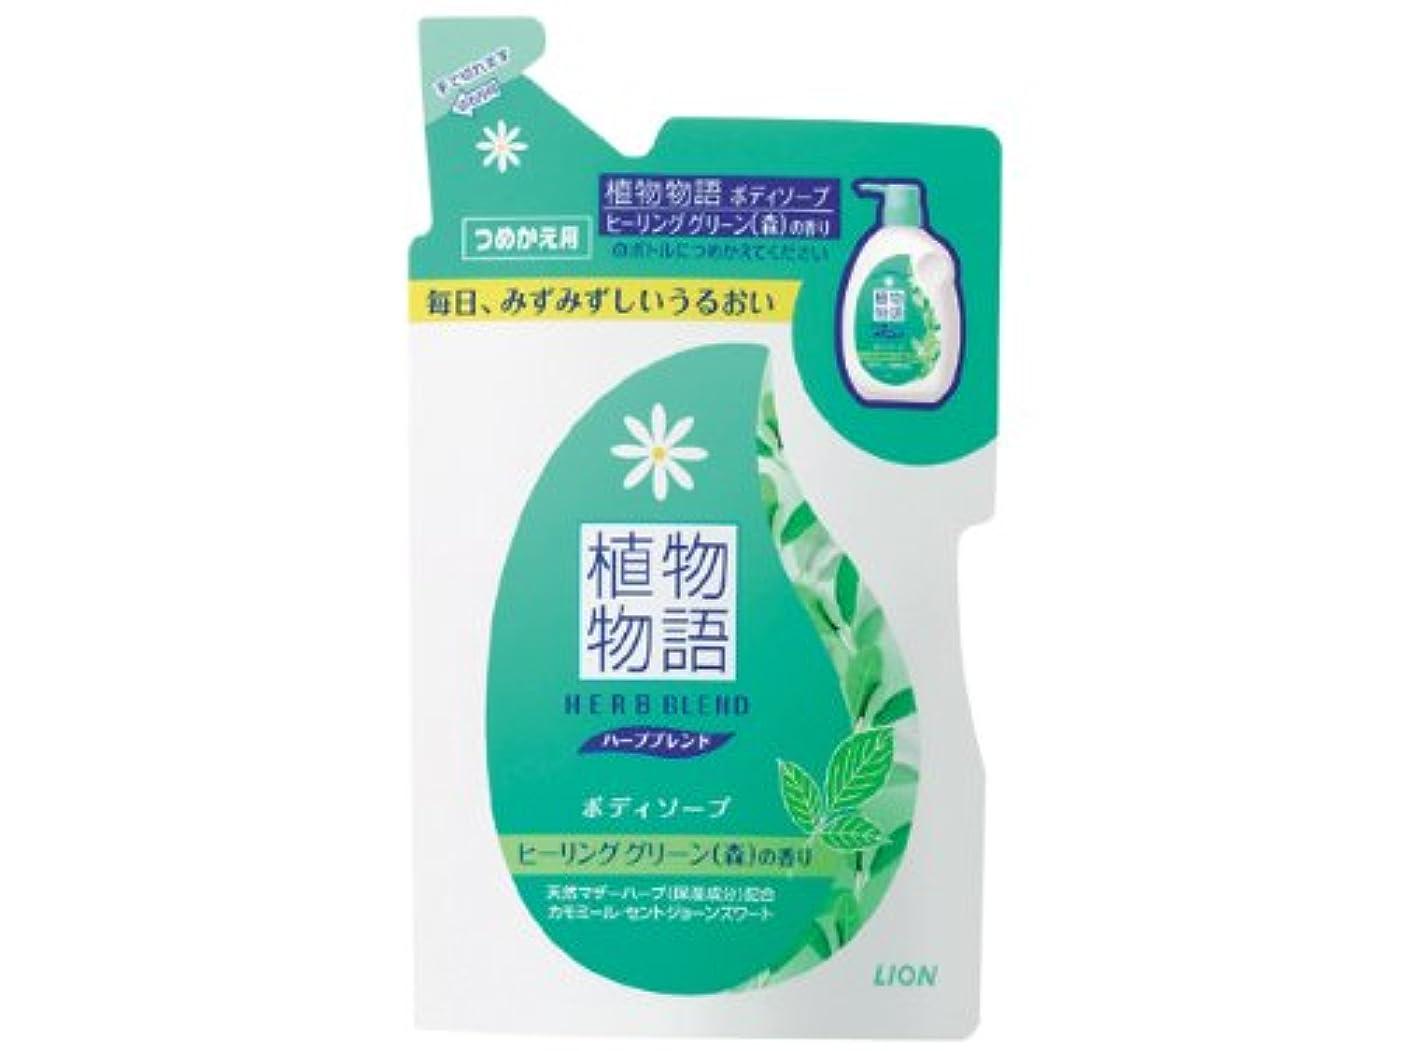 小屋ファウル香ばしい植物物語 ハーブブレンド ボディソープ ヒーリンググリーン(森)の香り つめかえ用 420ml